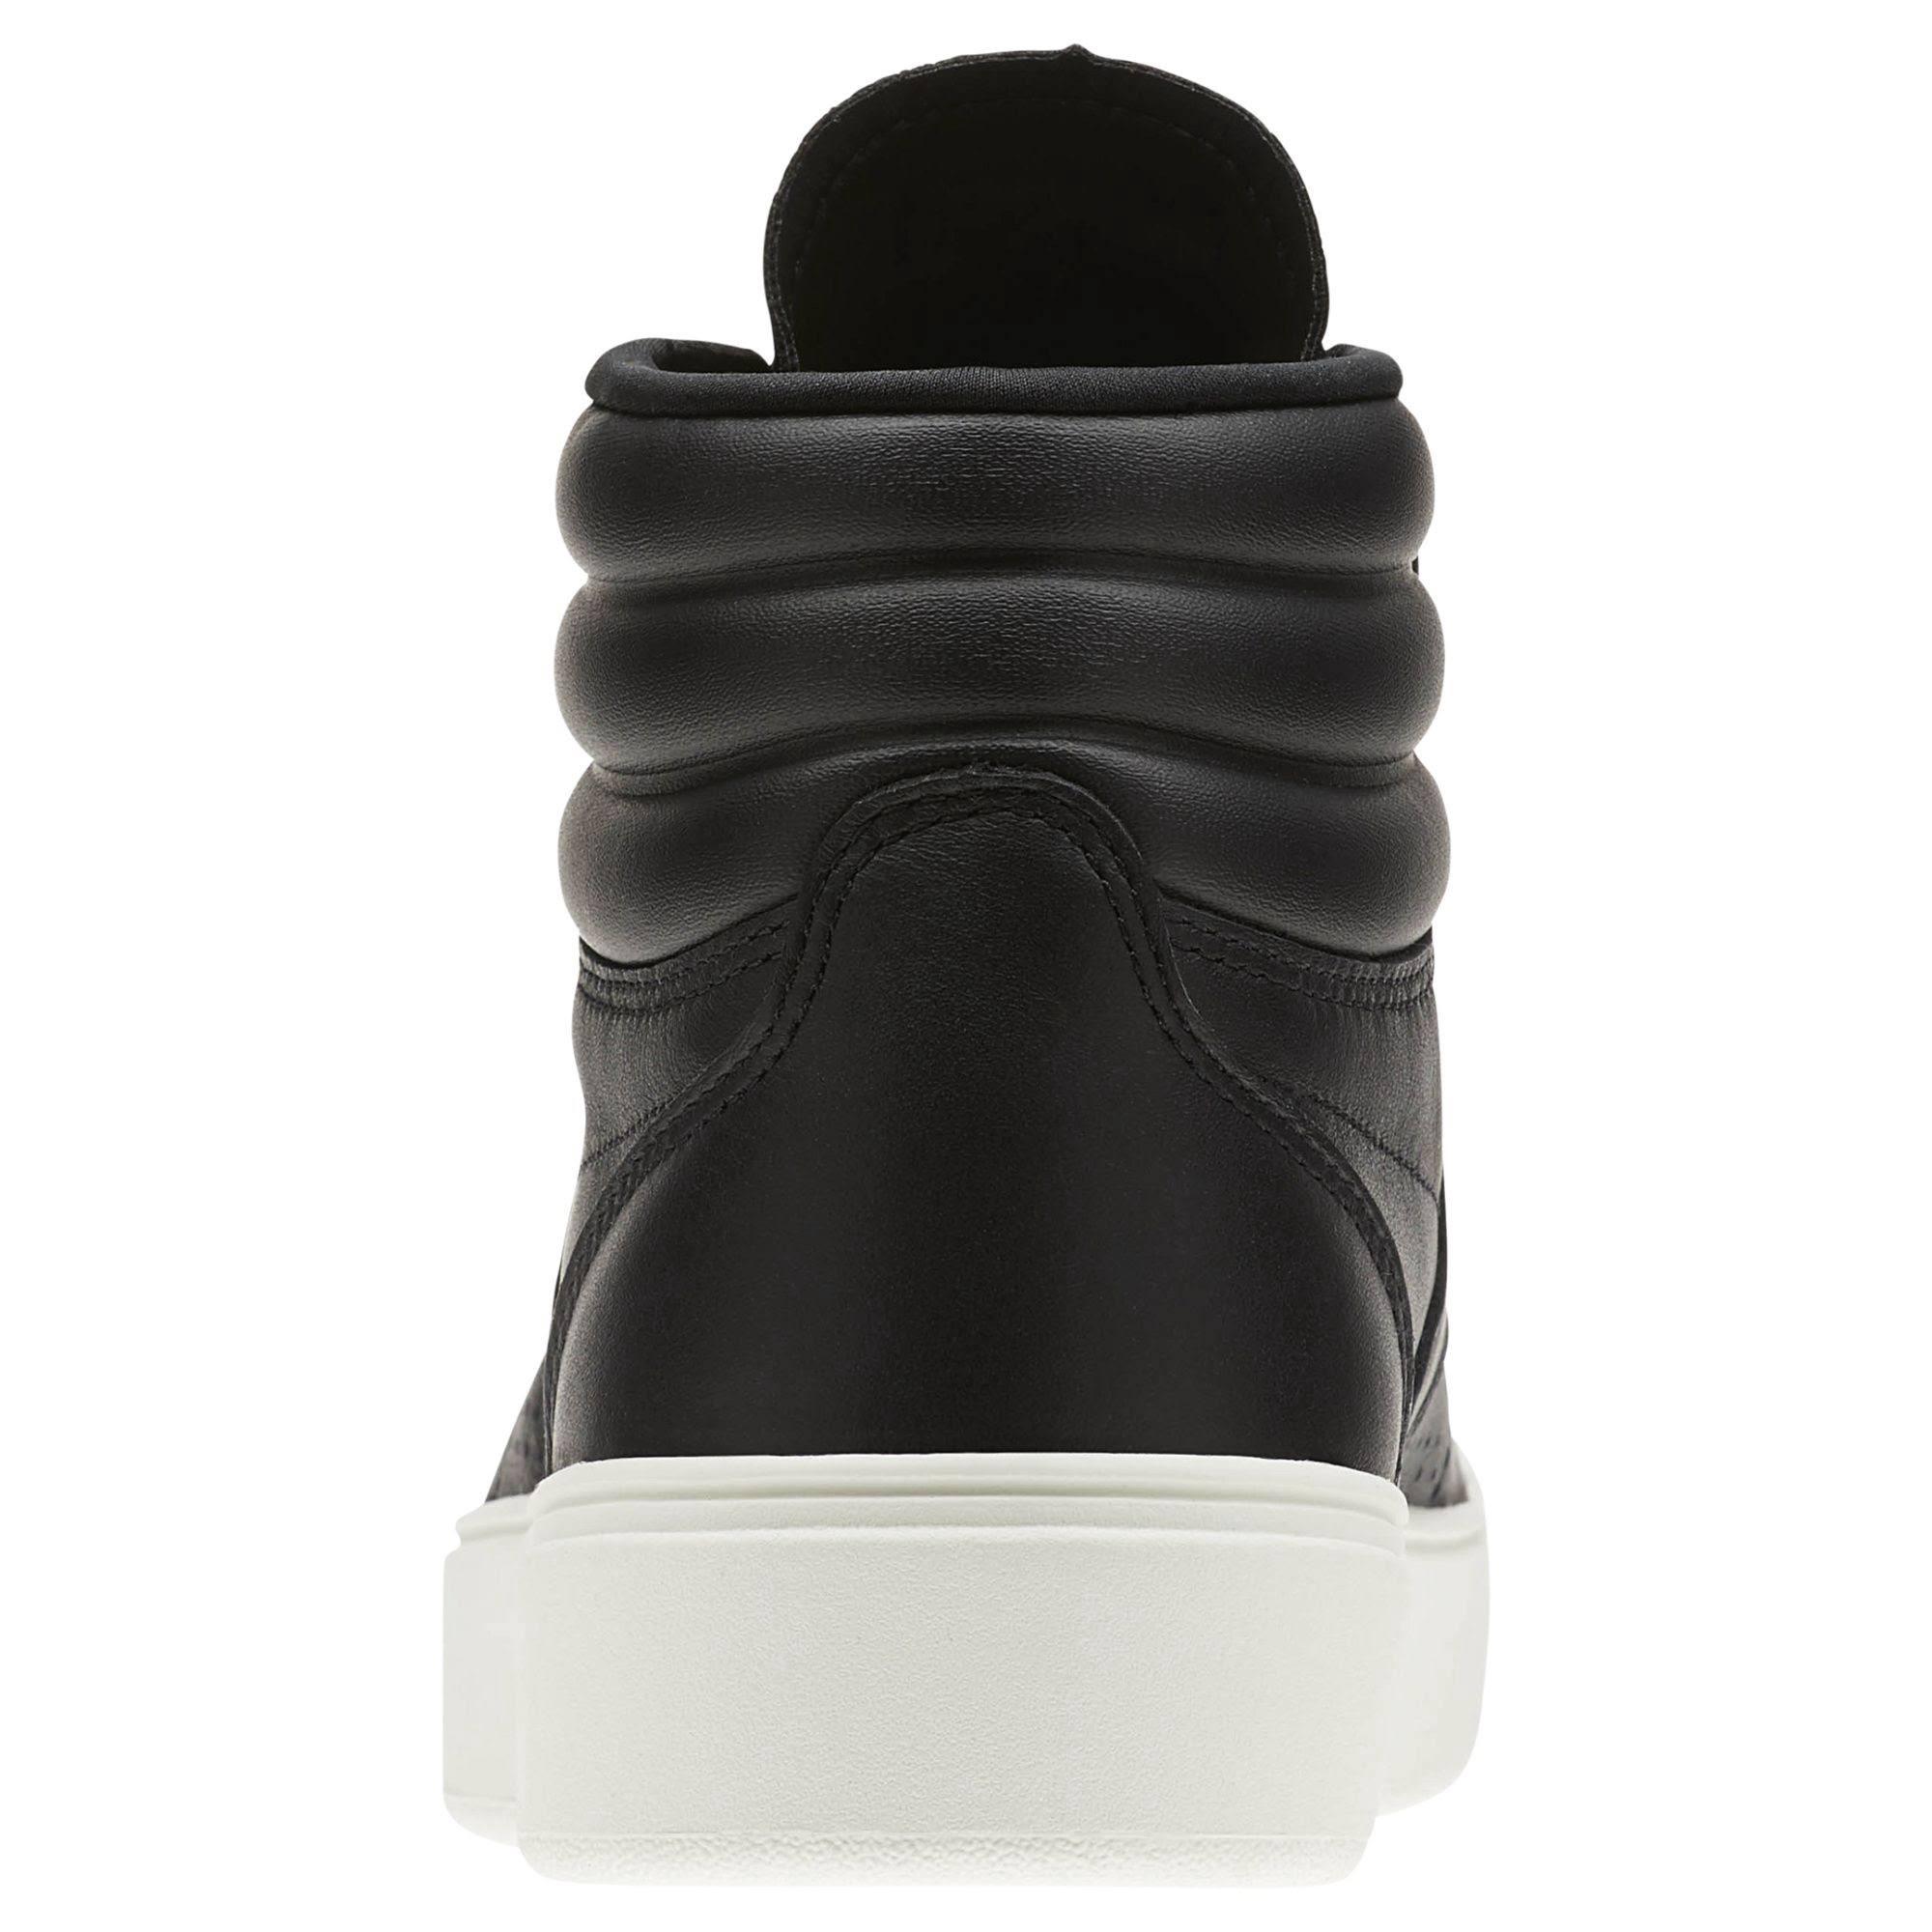 9 Zapatillas black Chalk Size Blanco Wmn Classic Hi Nova Enh Freestyle Reebok Us R7PRqwrnz